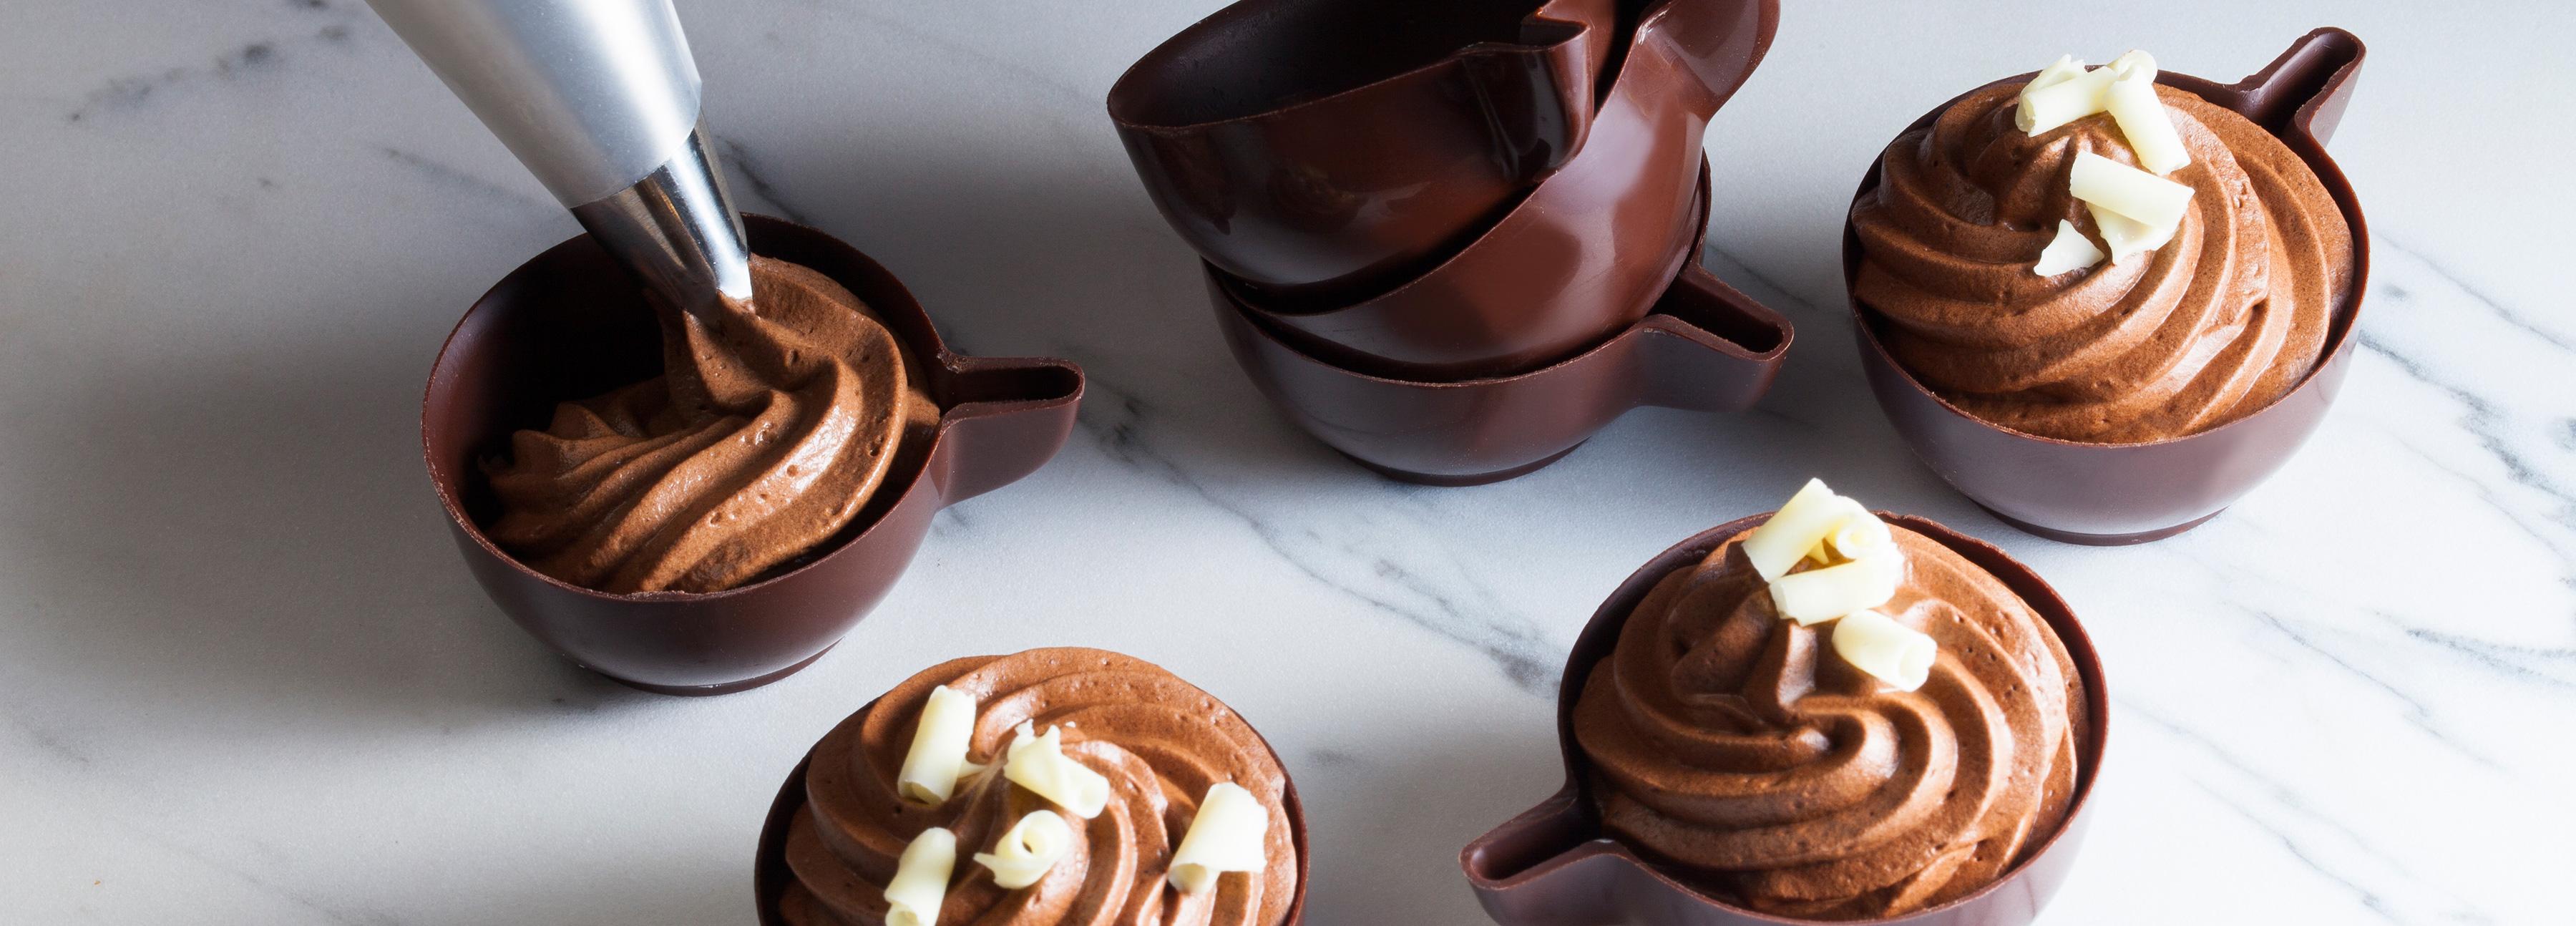 Chantilly al cioccolato fondente